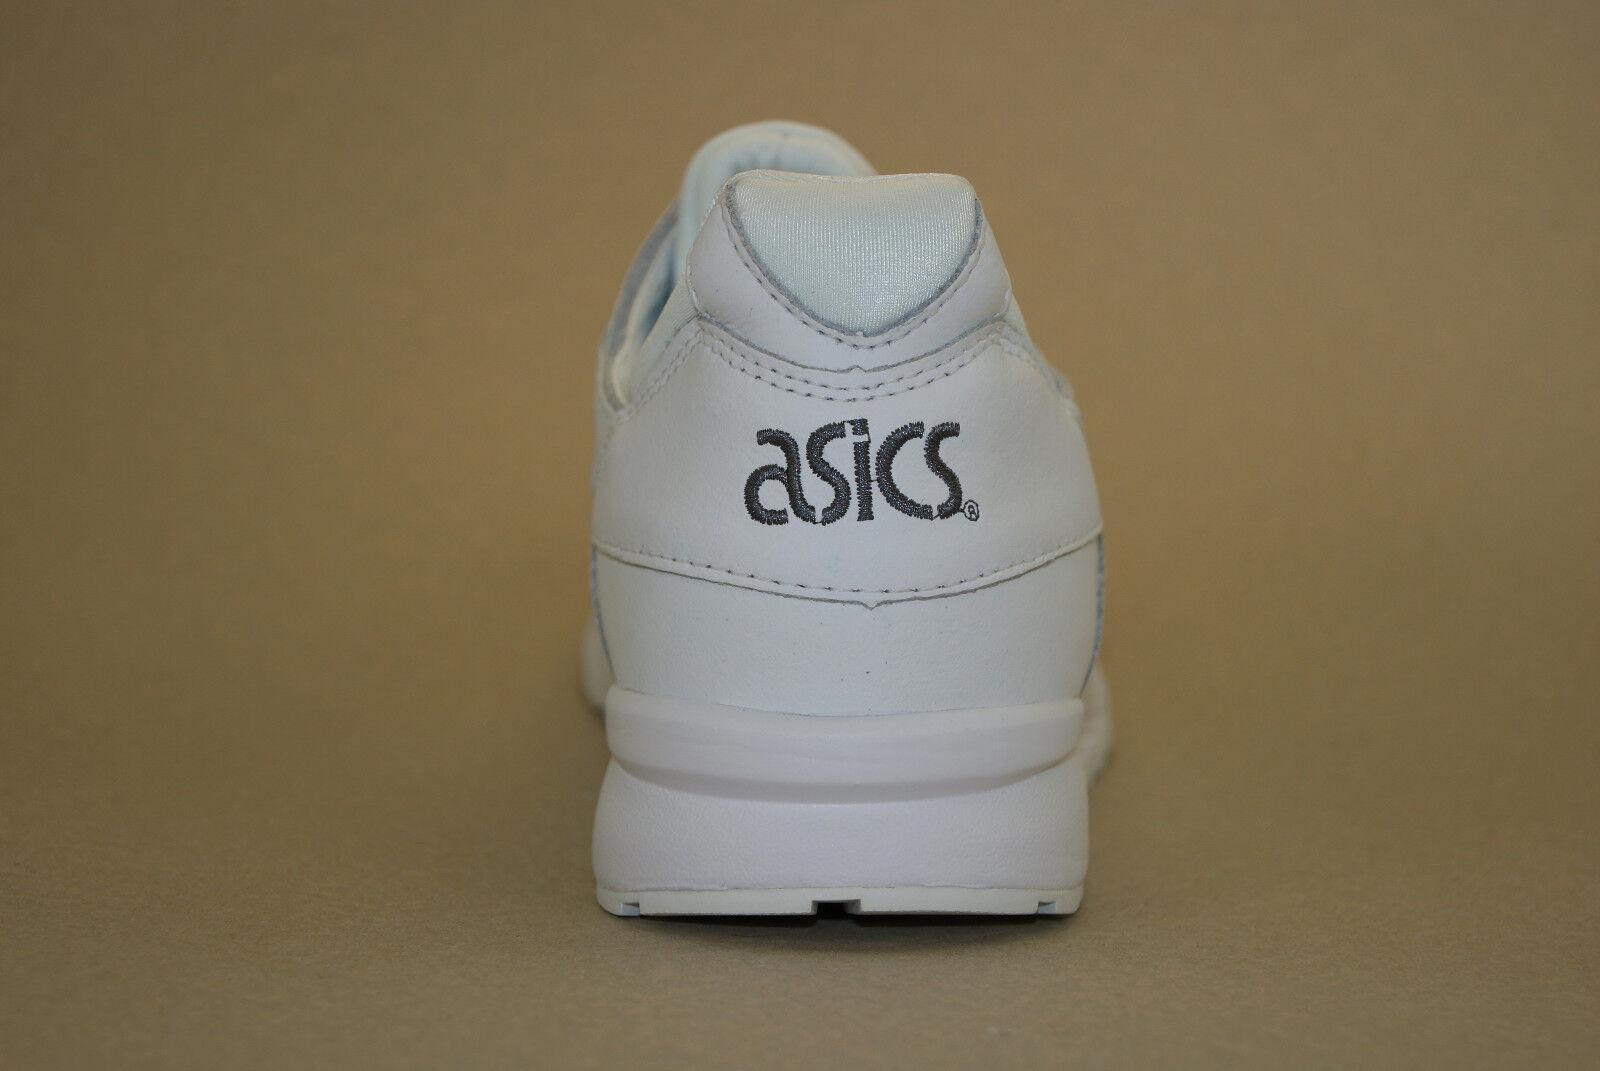 Asics Gel-Lyte V 5 Turnschuhe Freizeitschuhe Sneakers Sportschuhe Herren Damen Freizeitschuhe Turnschuhe 671263